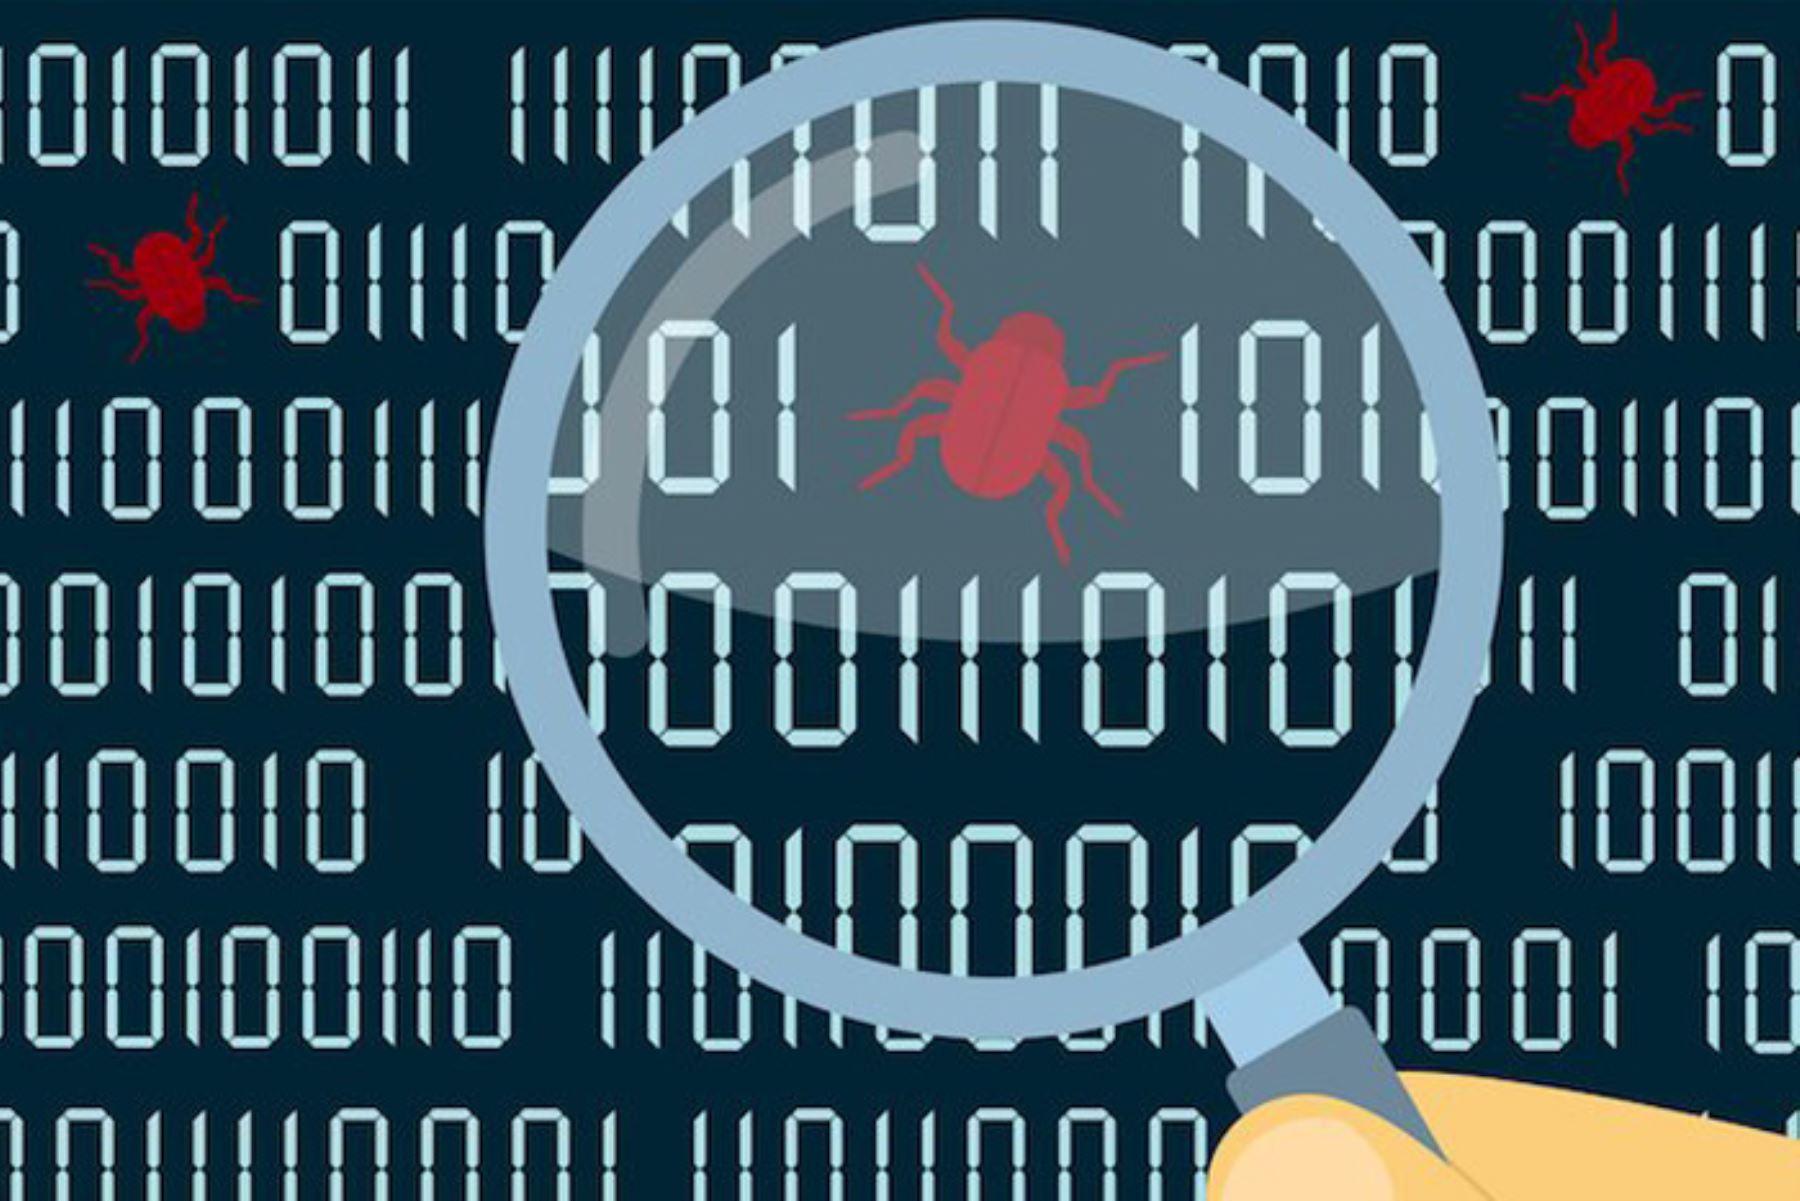 Cada día se registran  entre 30 y 35 denuncias de delitos informáticos.